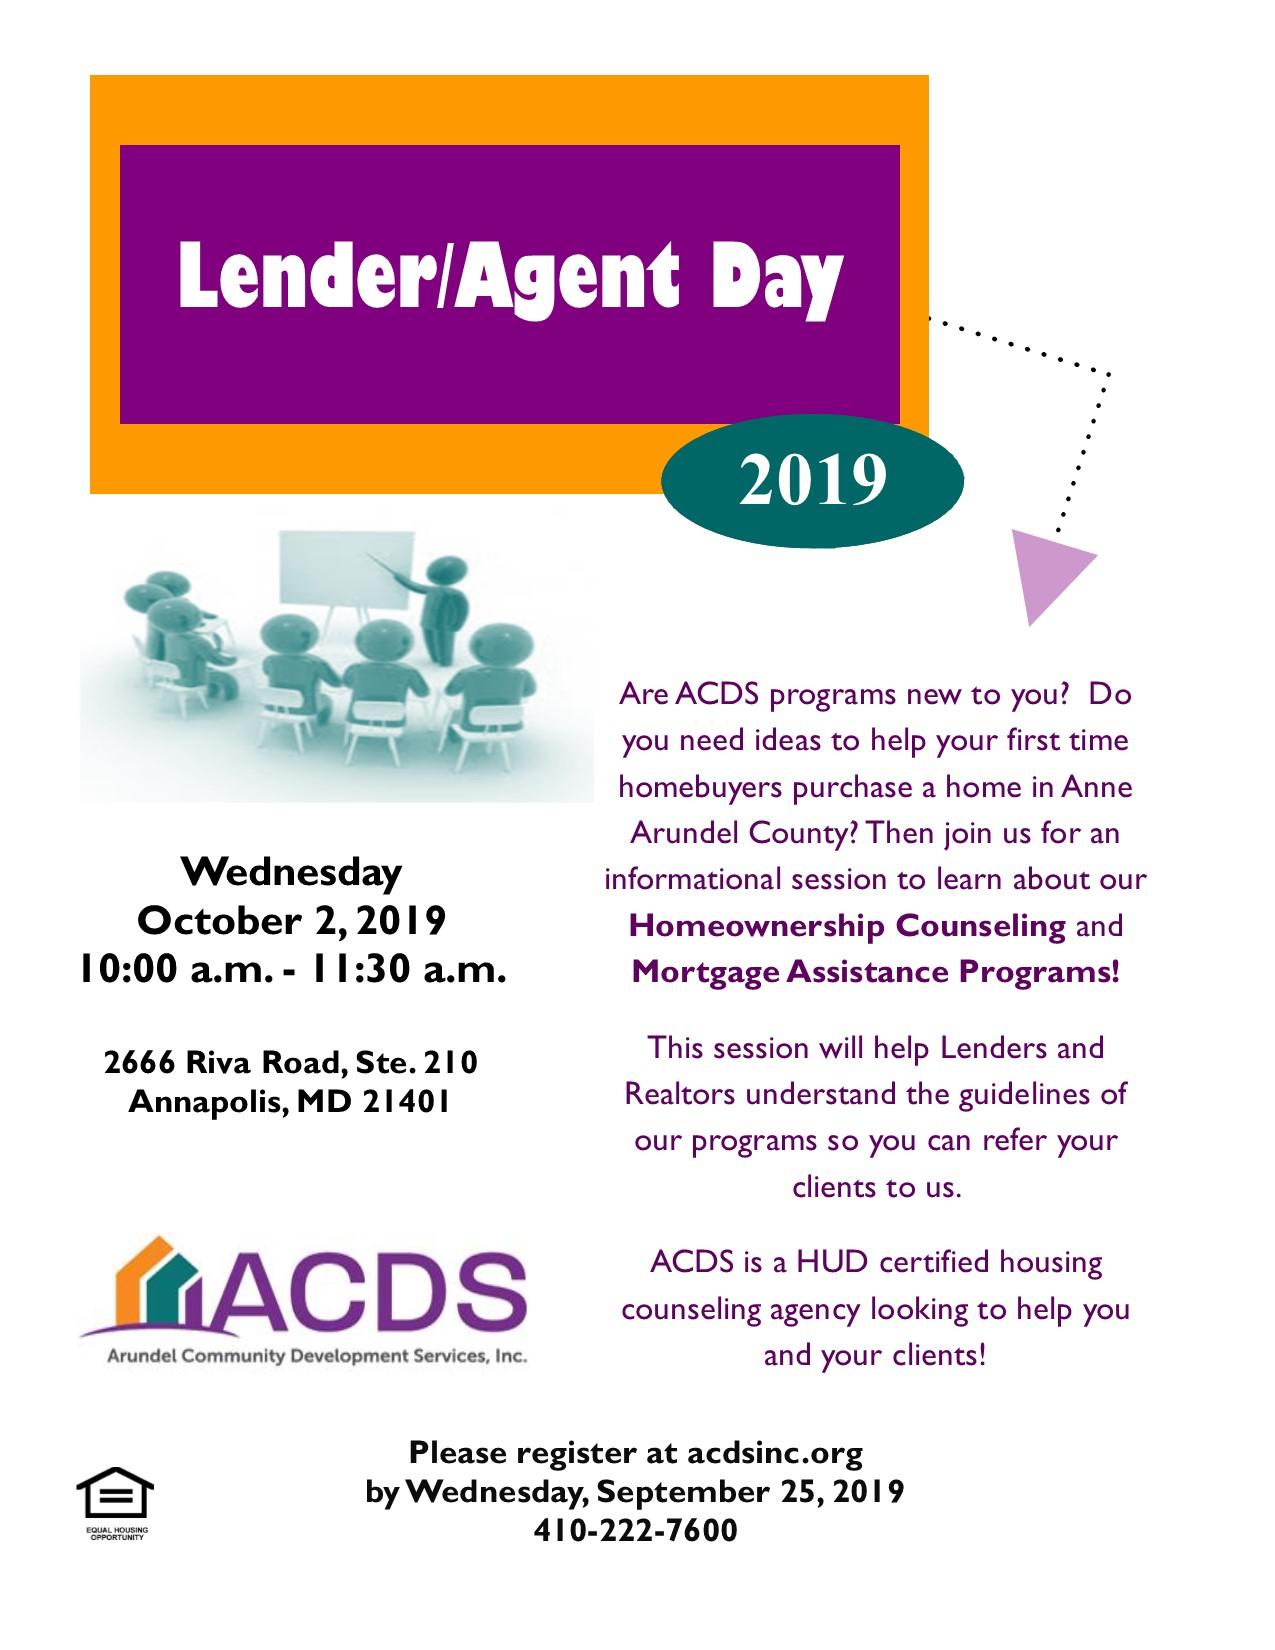 Lender/Agent Day